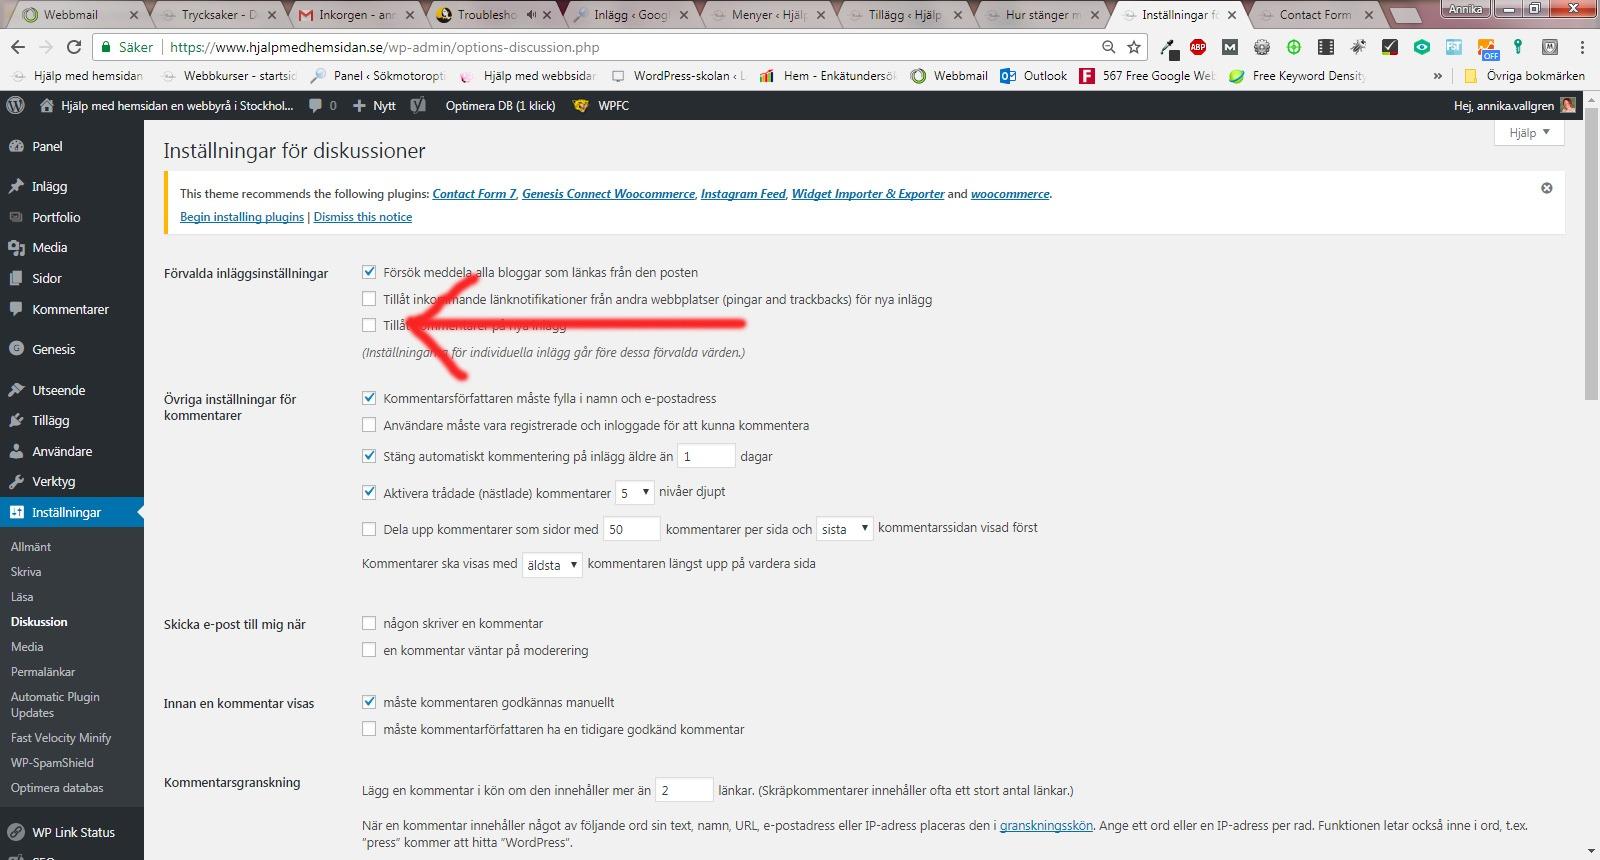 kommentarer i WordPress på hemsidan genom att inte tillåta kommentarer på sidor och inlägg